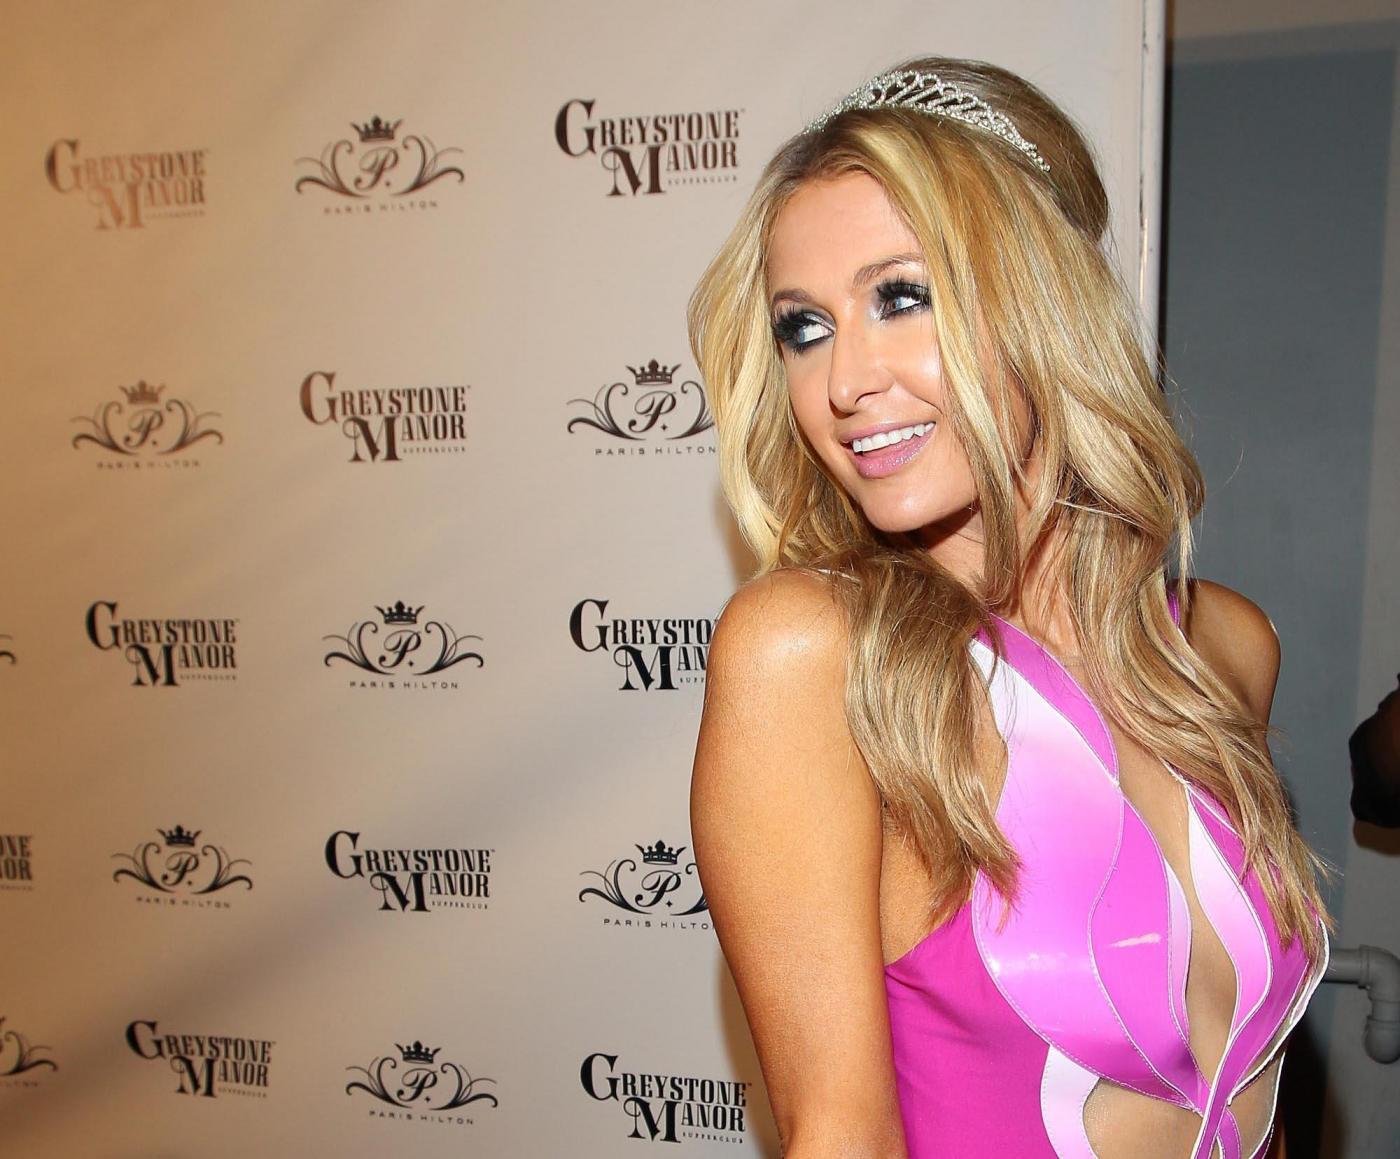 Paris Hilton compie 33 anni e si veste da principessa Disney01